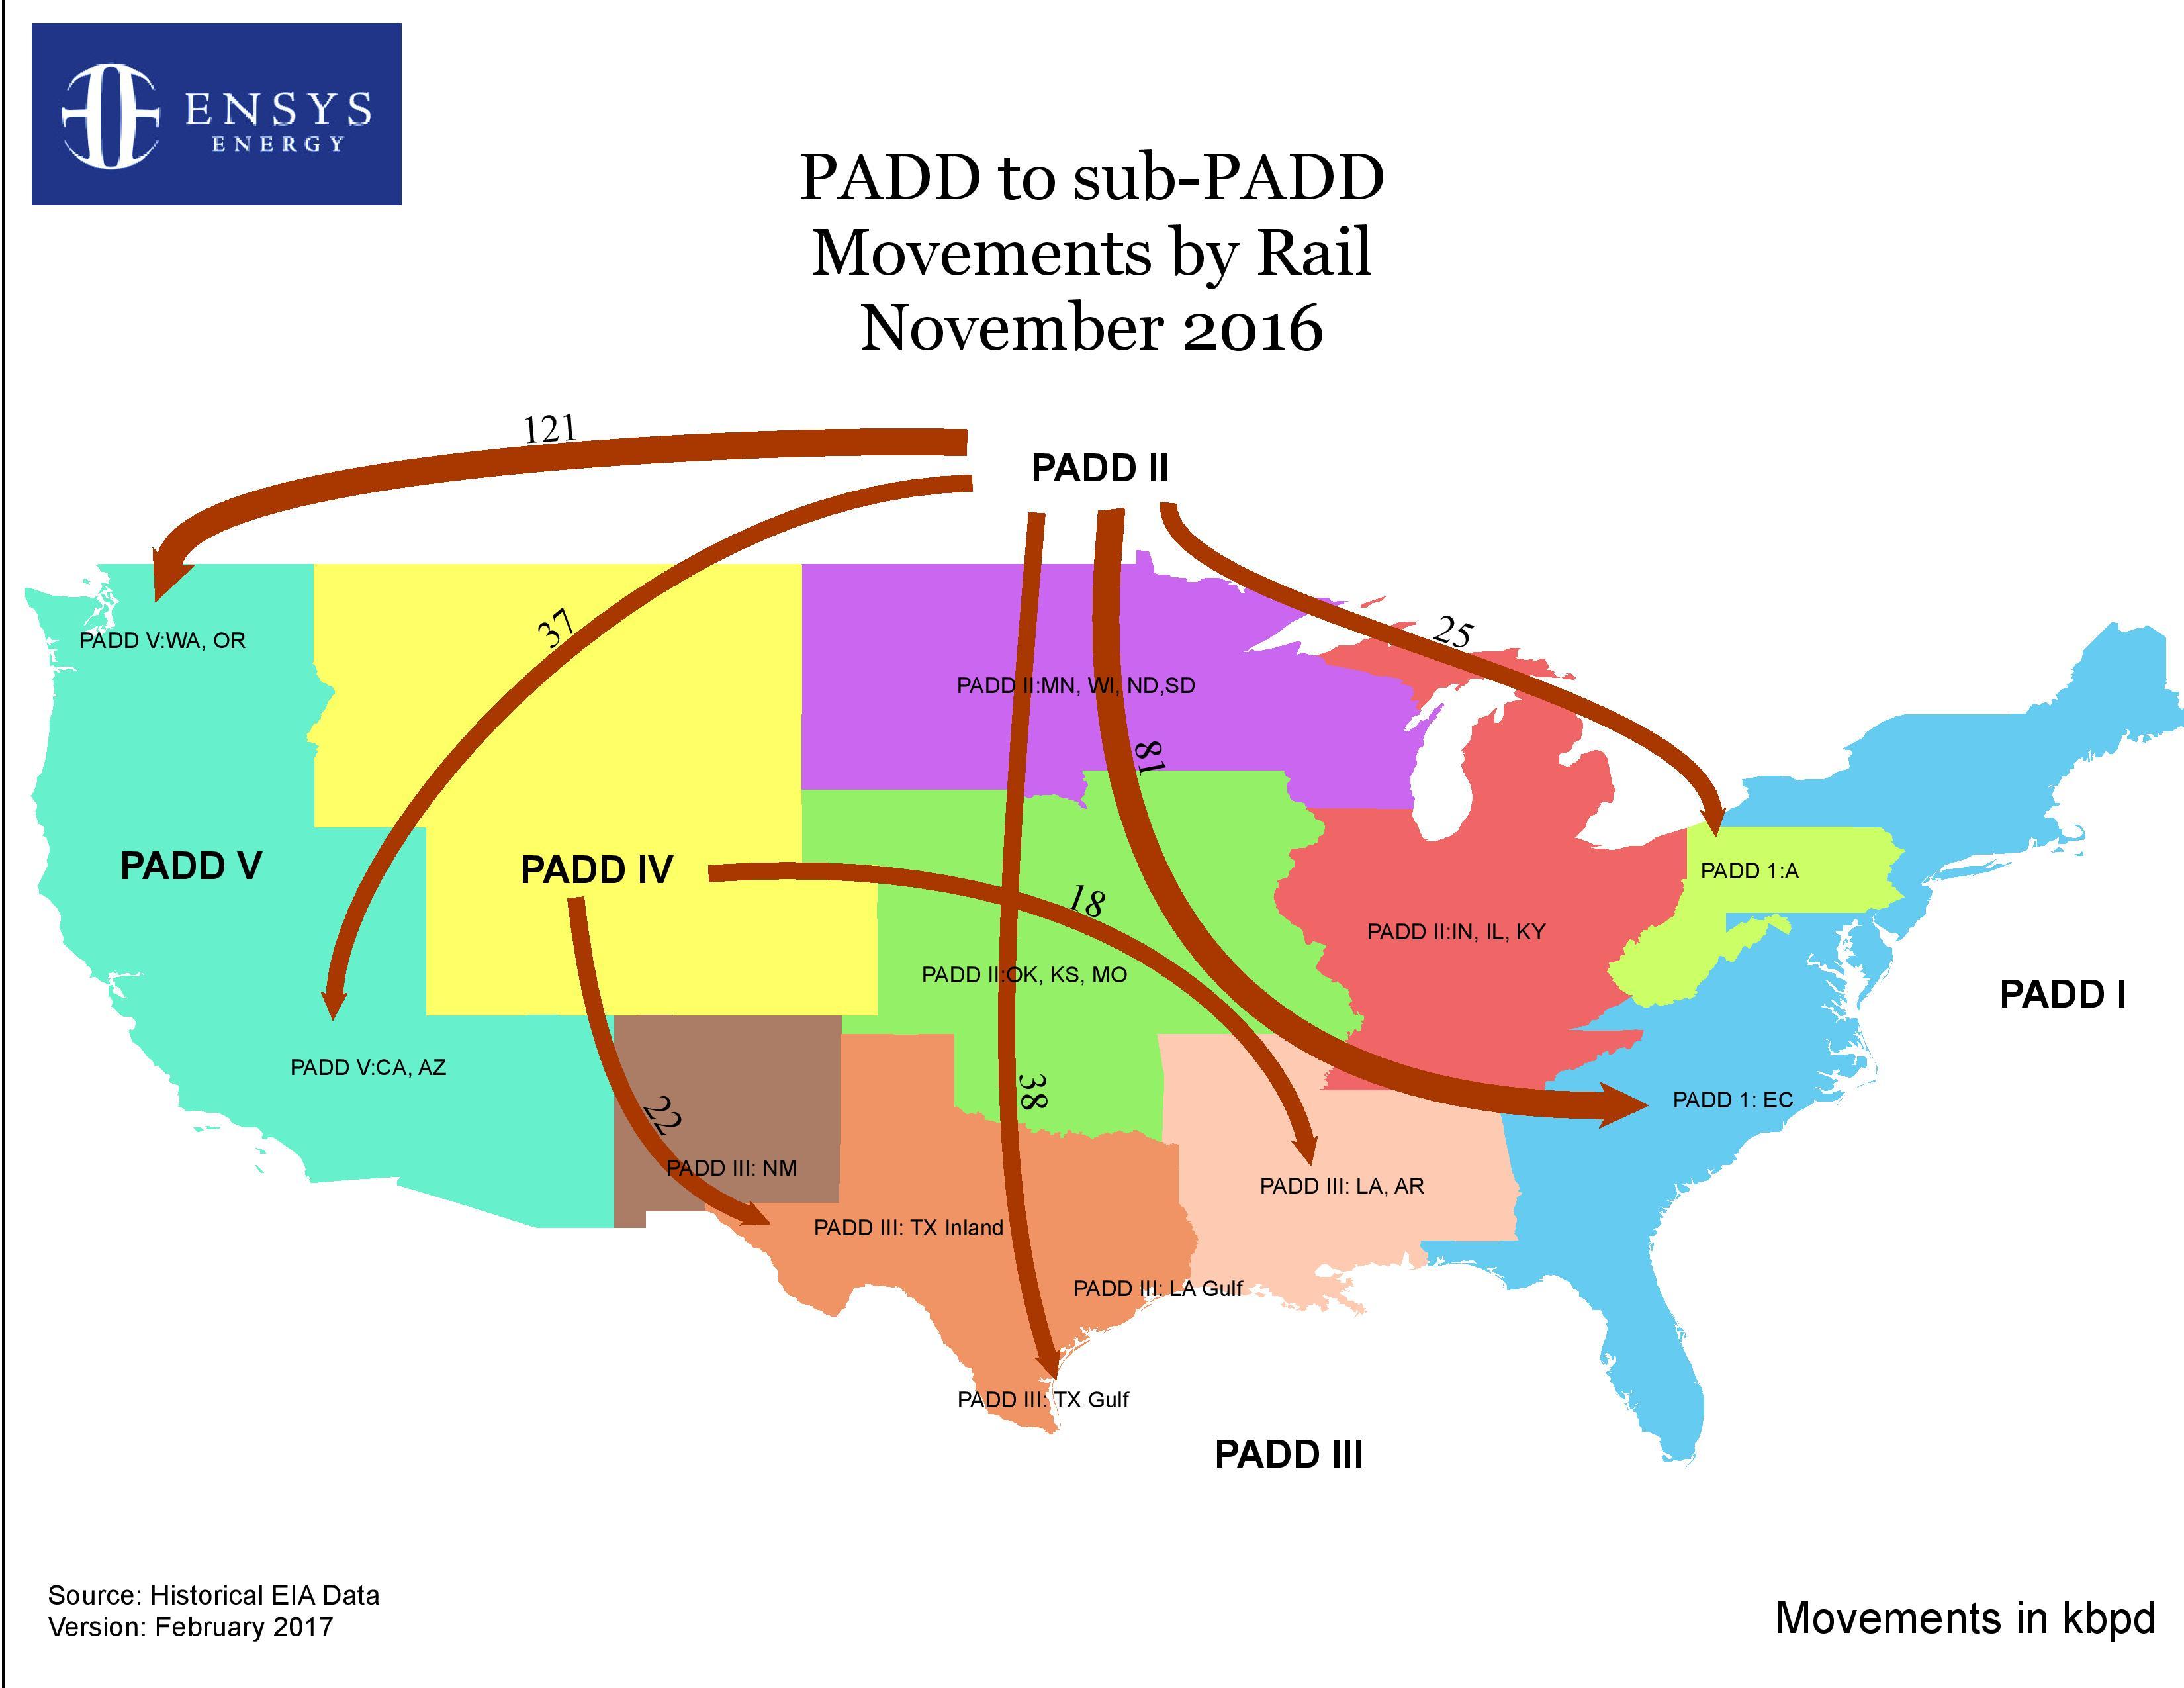 PADD-SUBPADD_Nov2016_Rail-page-001